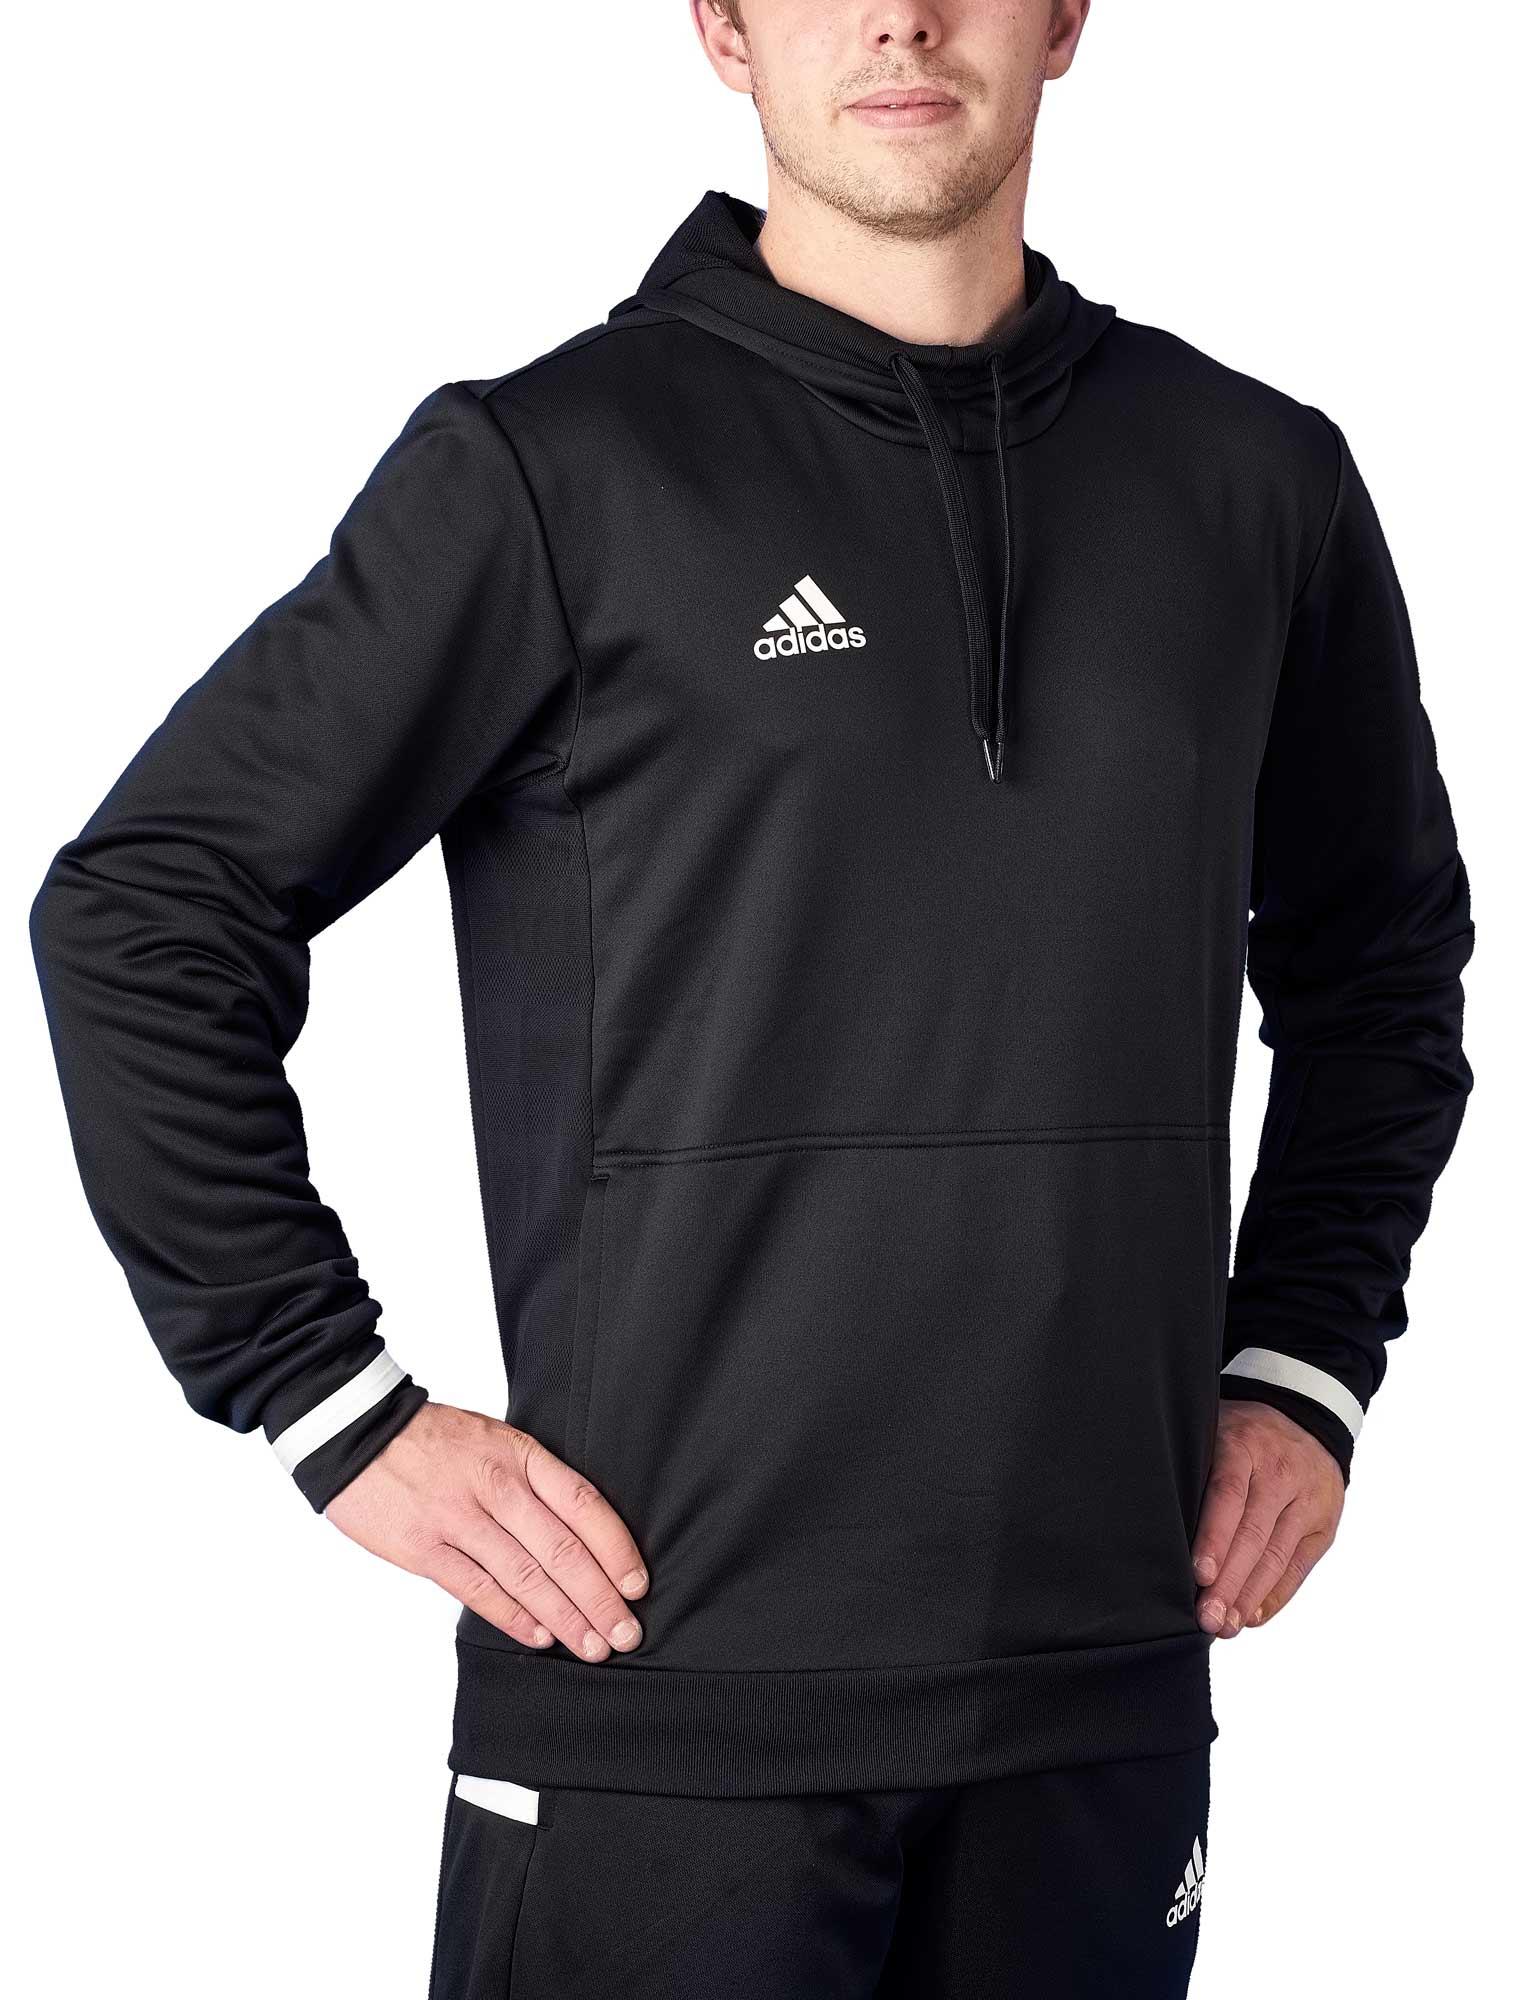 zeitloses Design 91f28 62072 adidas T19 Hoodie Männer schwarz/weiß, DW6860